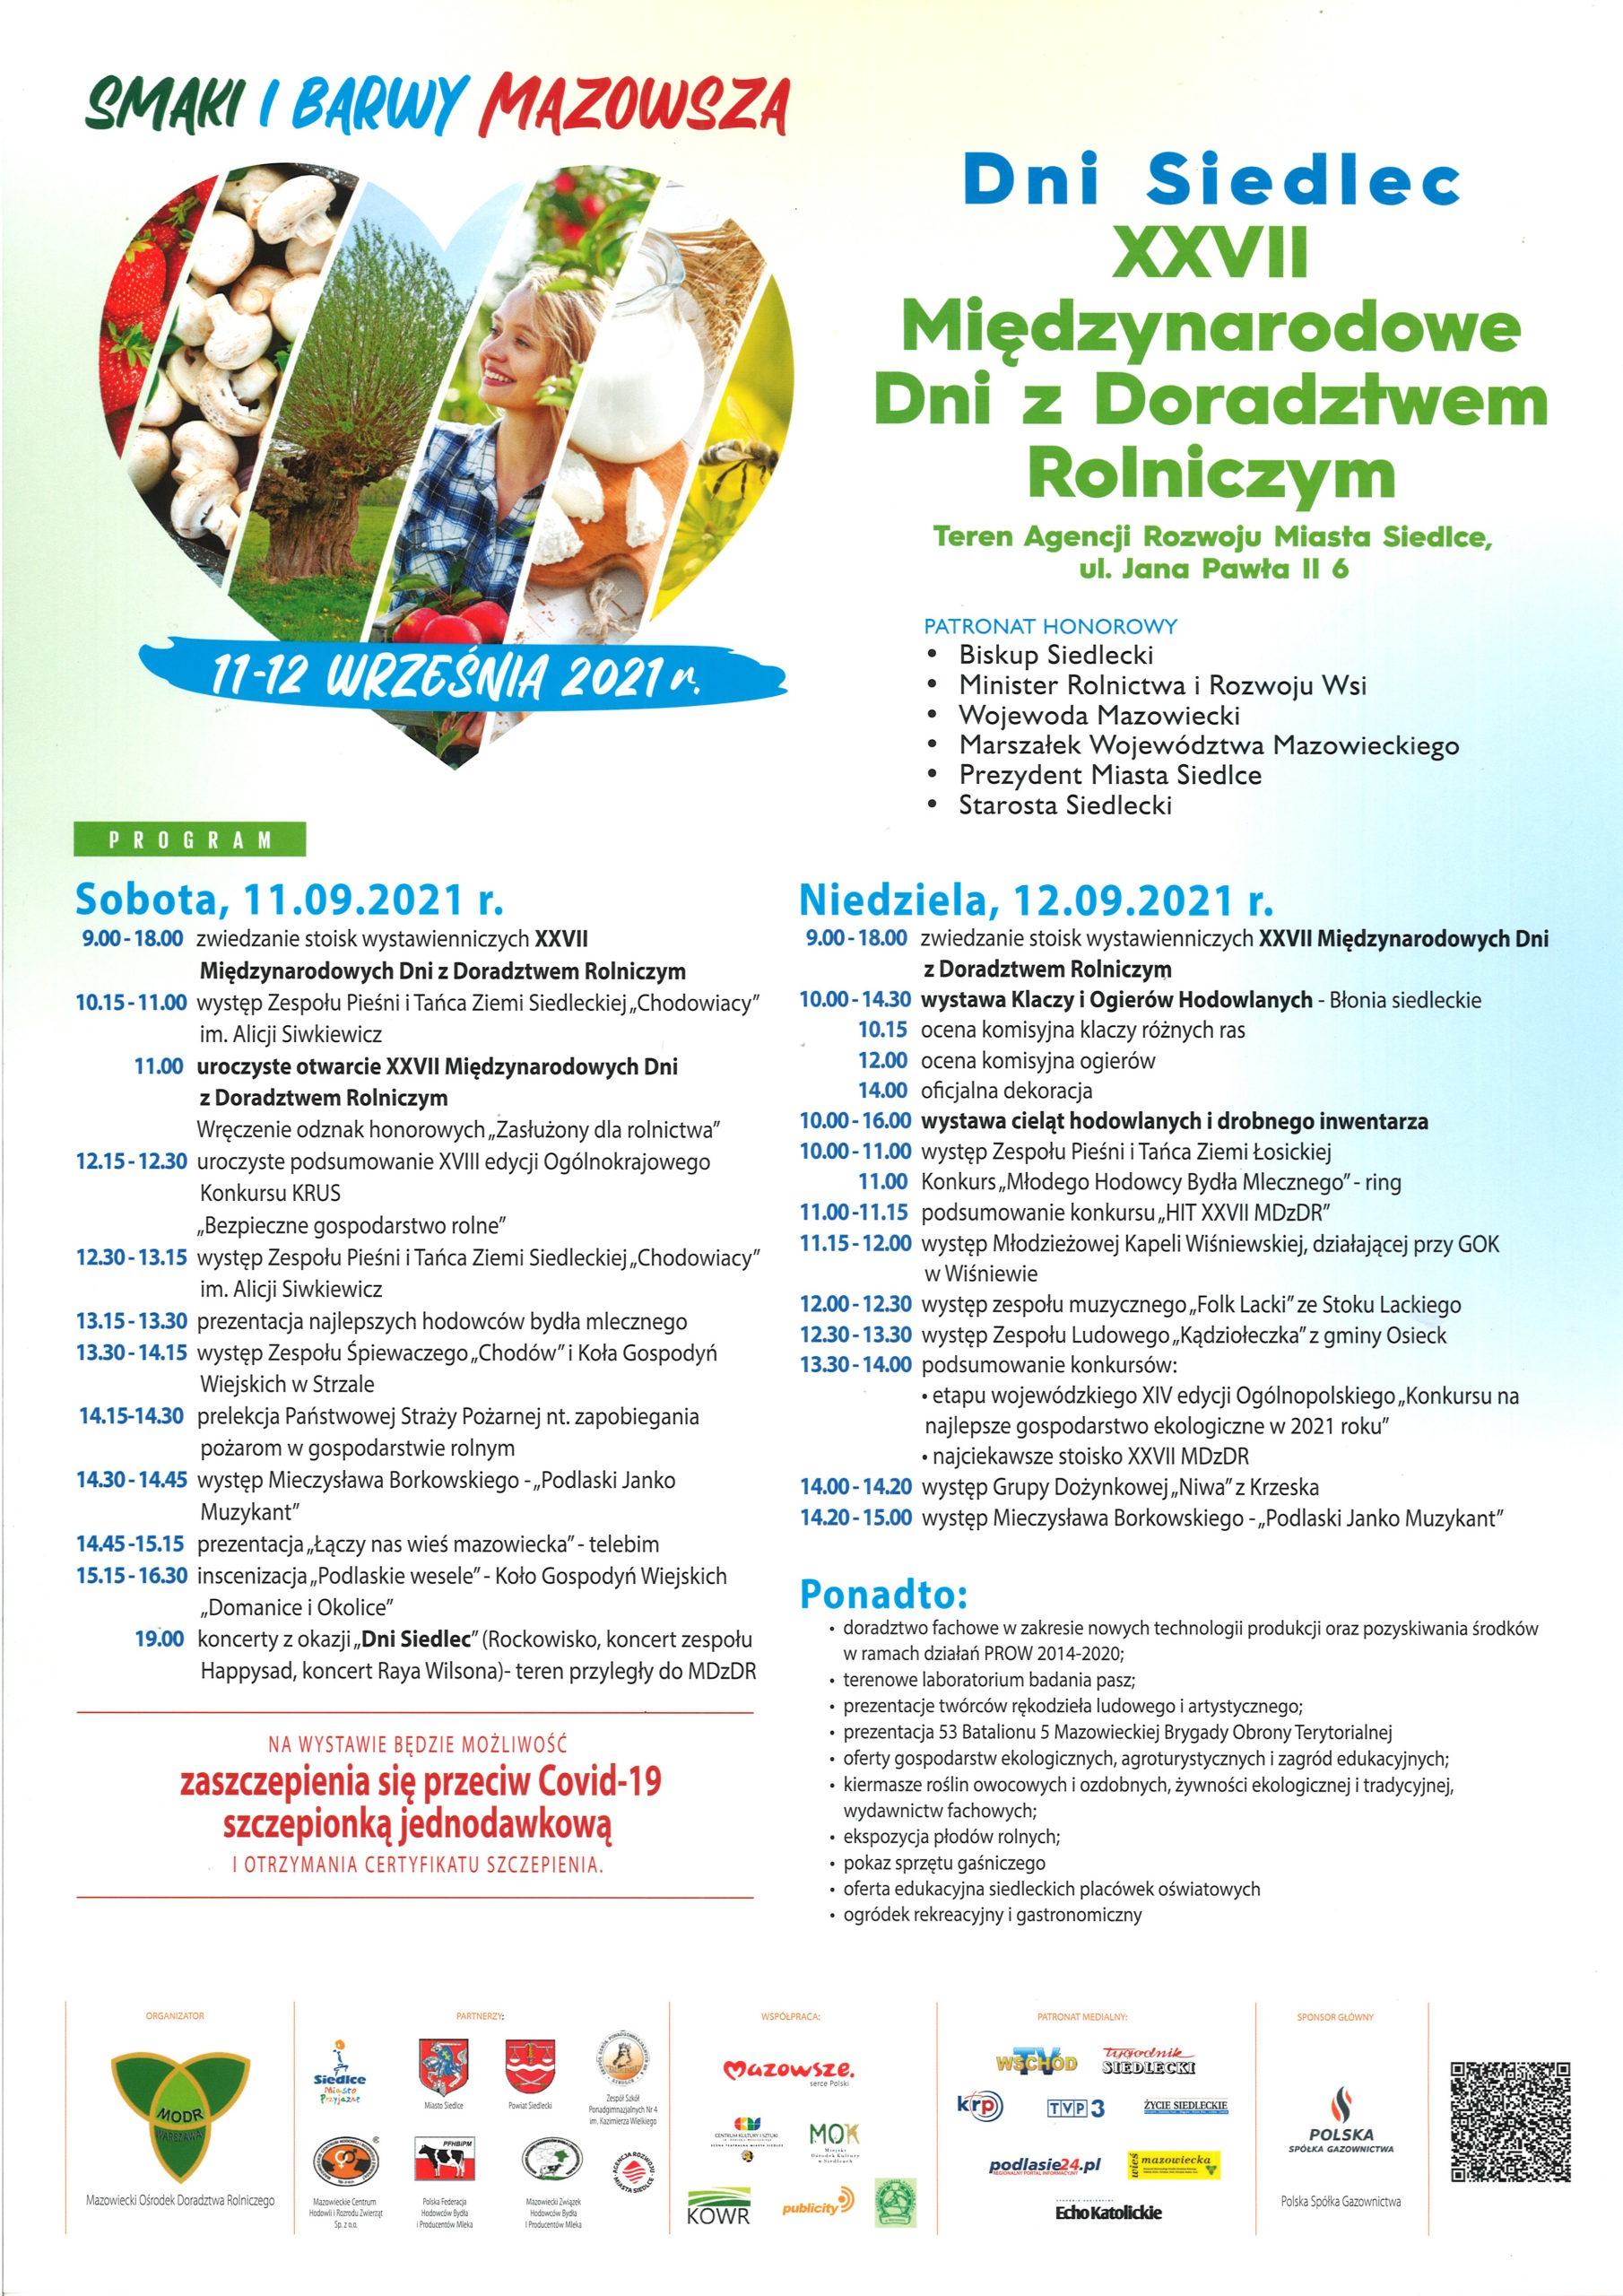 Siedlce - XXVII Międzynarodowe Dni z Doradztwem Rolniczym – 11-12 września 2021 r.